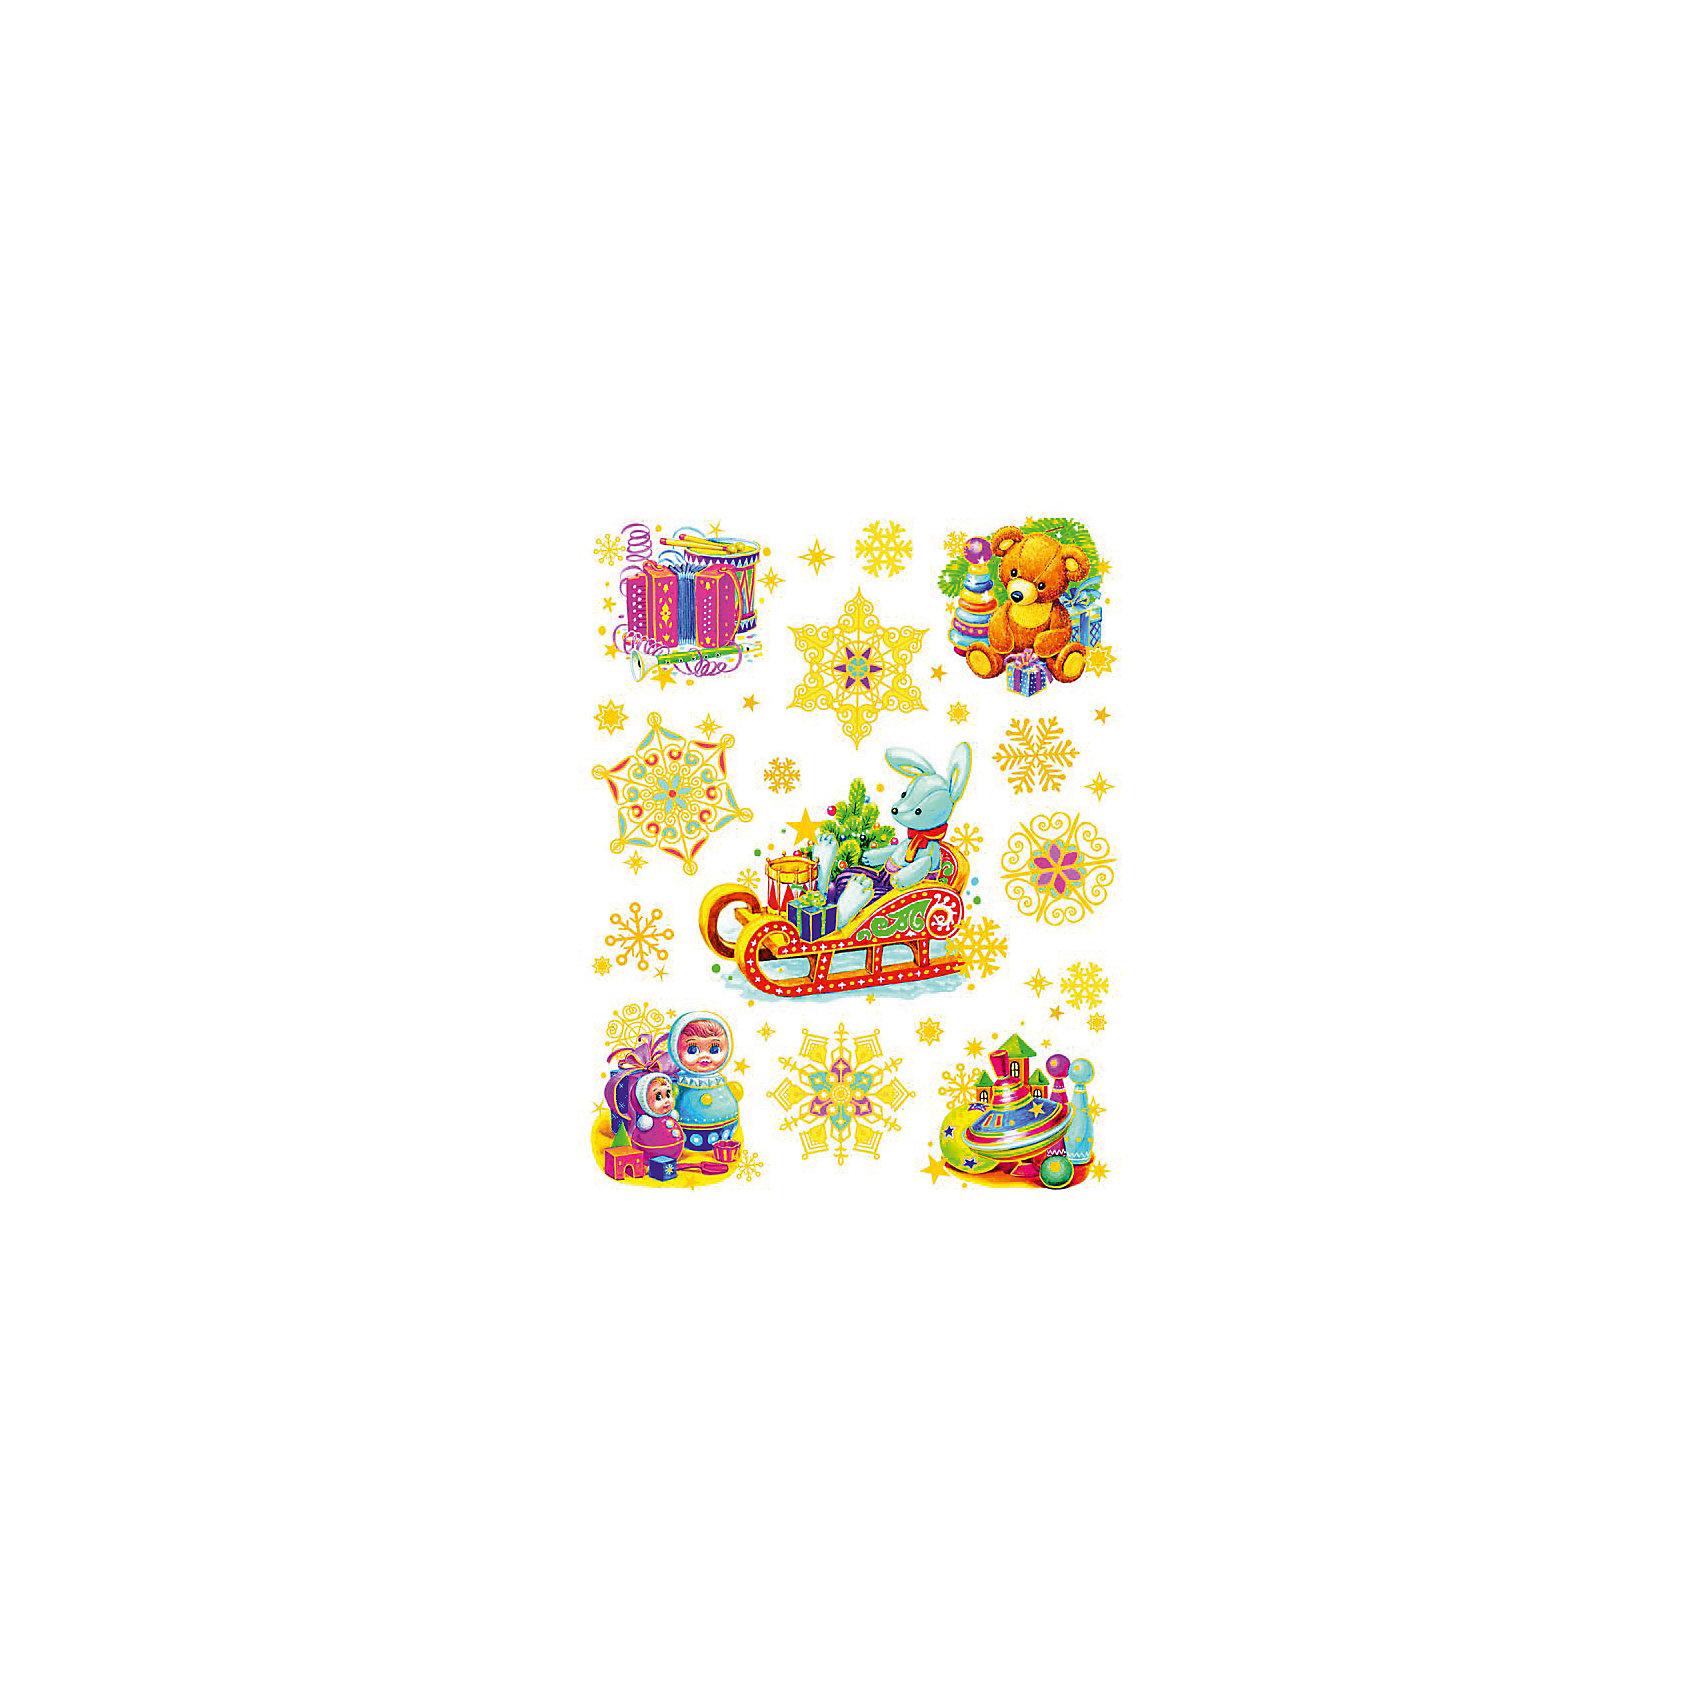 Украшение на окно Зайчик на санях и игрушки 30*38 смНовинки Новый Год<br>Украшение на окно Зайчик на санях и игрушки, Феникс-Презент, замечательно украсит Ваш интерьер и создаст праздничное новогоднее настроение. В комплекте несколько красочных наклеек с изображениями милого зайчика, везущего на санях подарки, детских игрушек и<br>нарядных снежинок. Рисунки декорированы глиттером и золотистыми блестками, прочно крепятся к стеклу с помощью прозрачной клейкой пленки, на которую нанесены изображения. Не оставляют следов на поверхности.<br><br><br>Дополнительная информация:<br><br>- Материал: ПВХ пленка.<br>- Размер листа с наклейками: 30 х 38 см.<br>- Размер упаковки: 44 х 30 х 0,5 см.   <br>- Вес: 60 гр. <br><br>Украшение на окно Зайчик на санях и игрушки, Феникс-Презент, можно купить в нашем интернет-магазине.<br><br>Ширина мм: 320<br>Глубина мм: 420<br>Высота мм: 1<br>Вес г: 100<br>Возраст от месяцев: 36<br>Возраст до месяцев: 2147483647<br>Пол: Унисекс<br>Возраст: Детский<br>SKU: 4274698